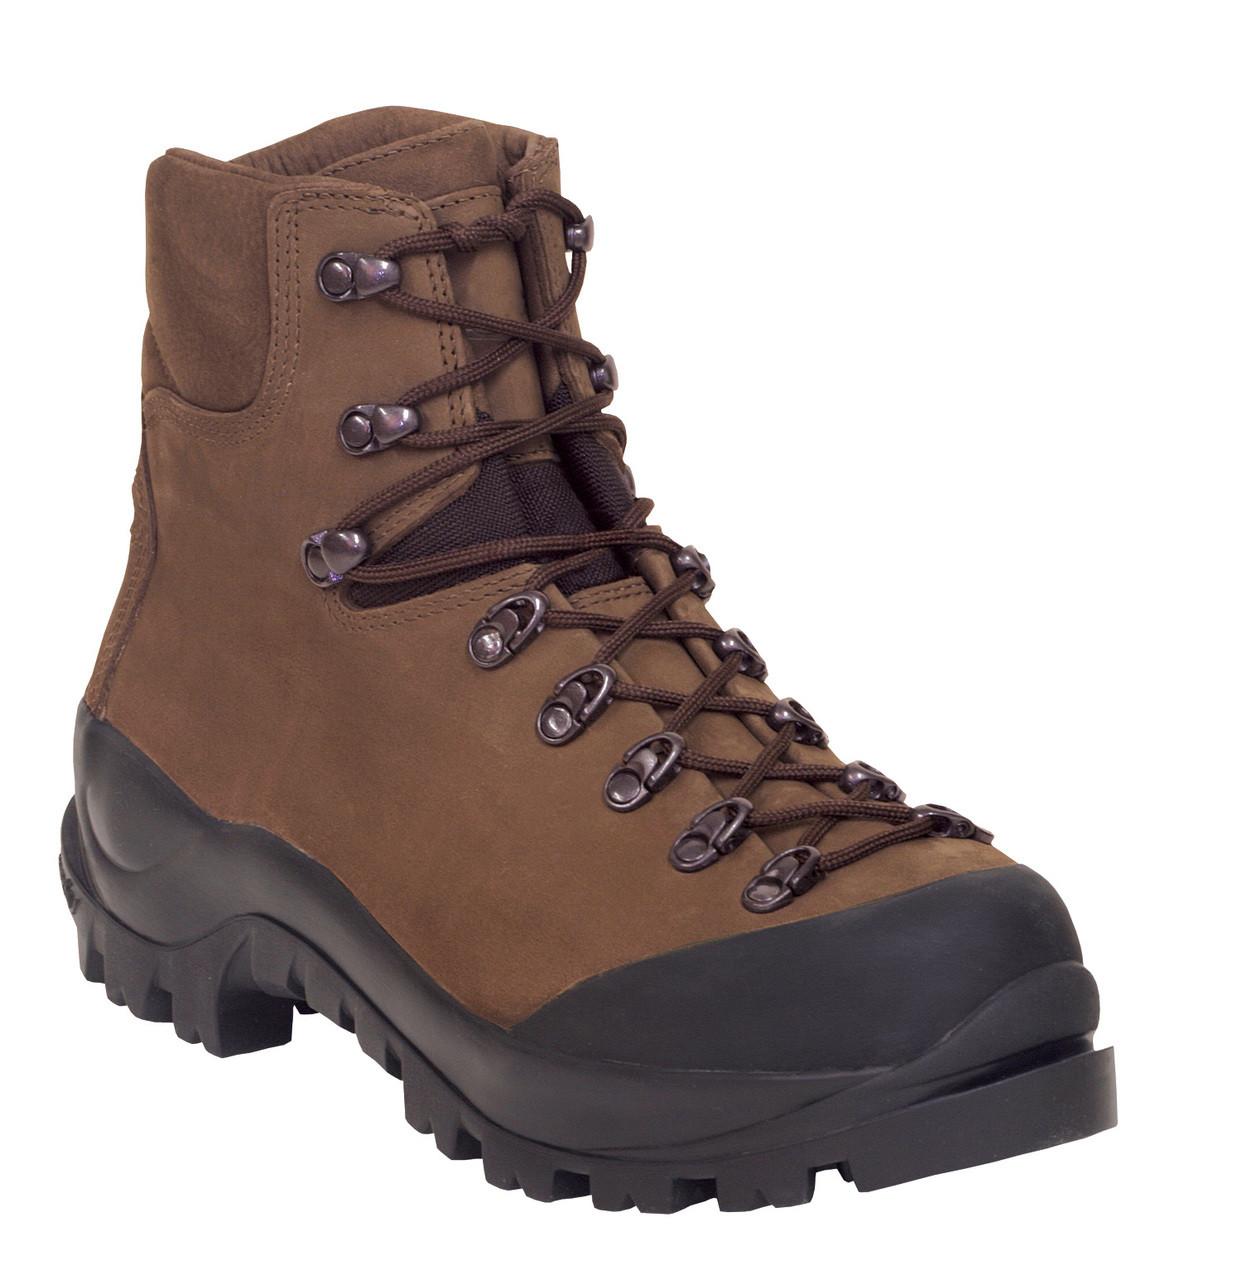 c645c18ebd3 Kenetrek Desert Guide Boot